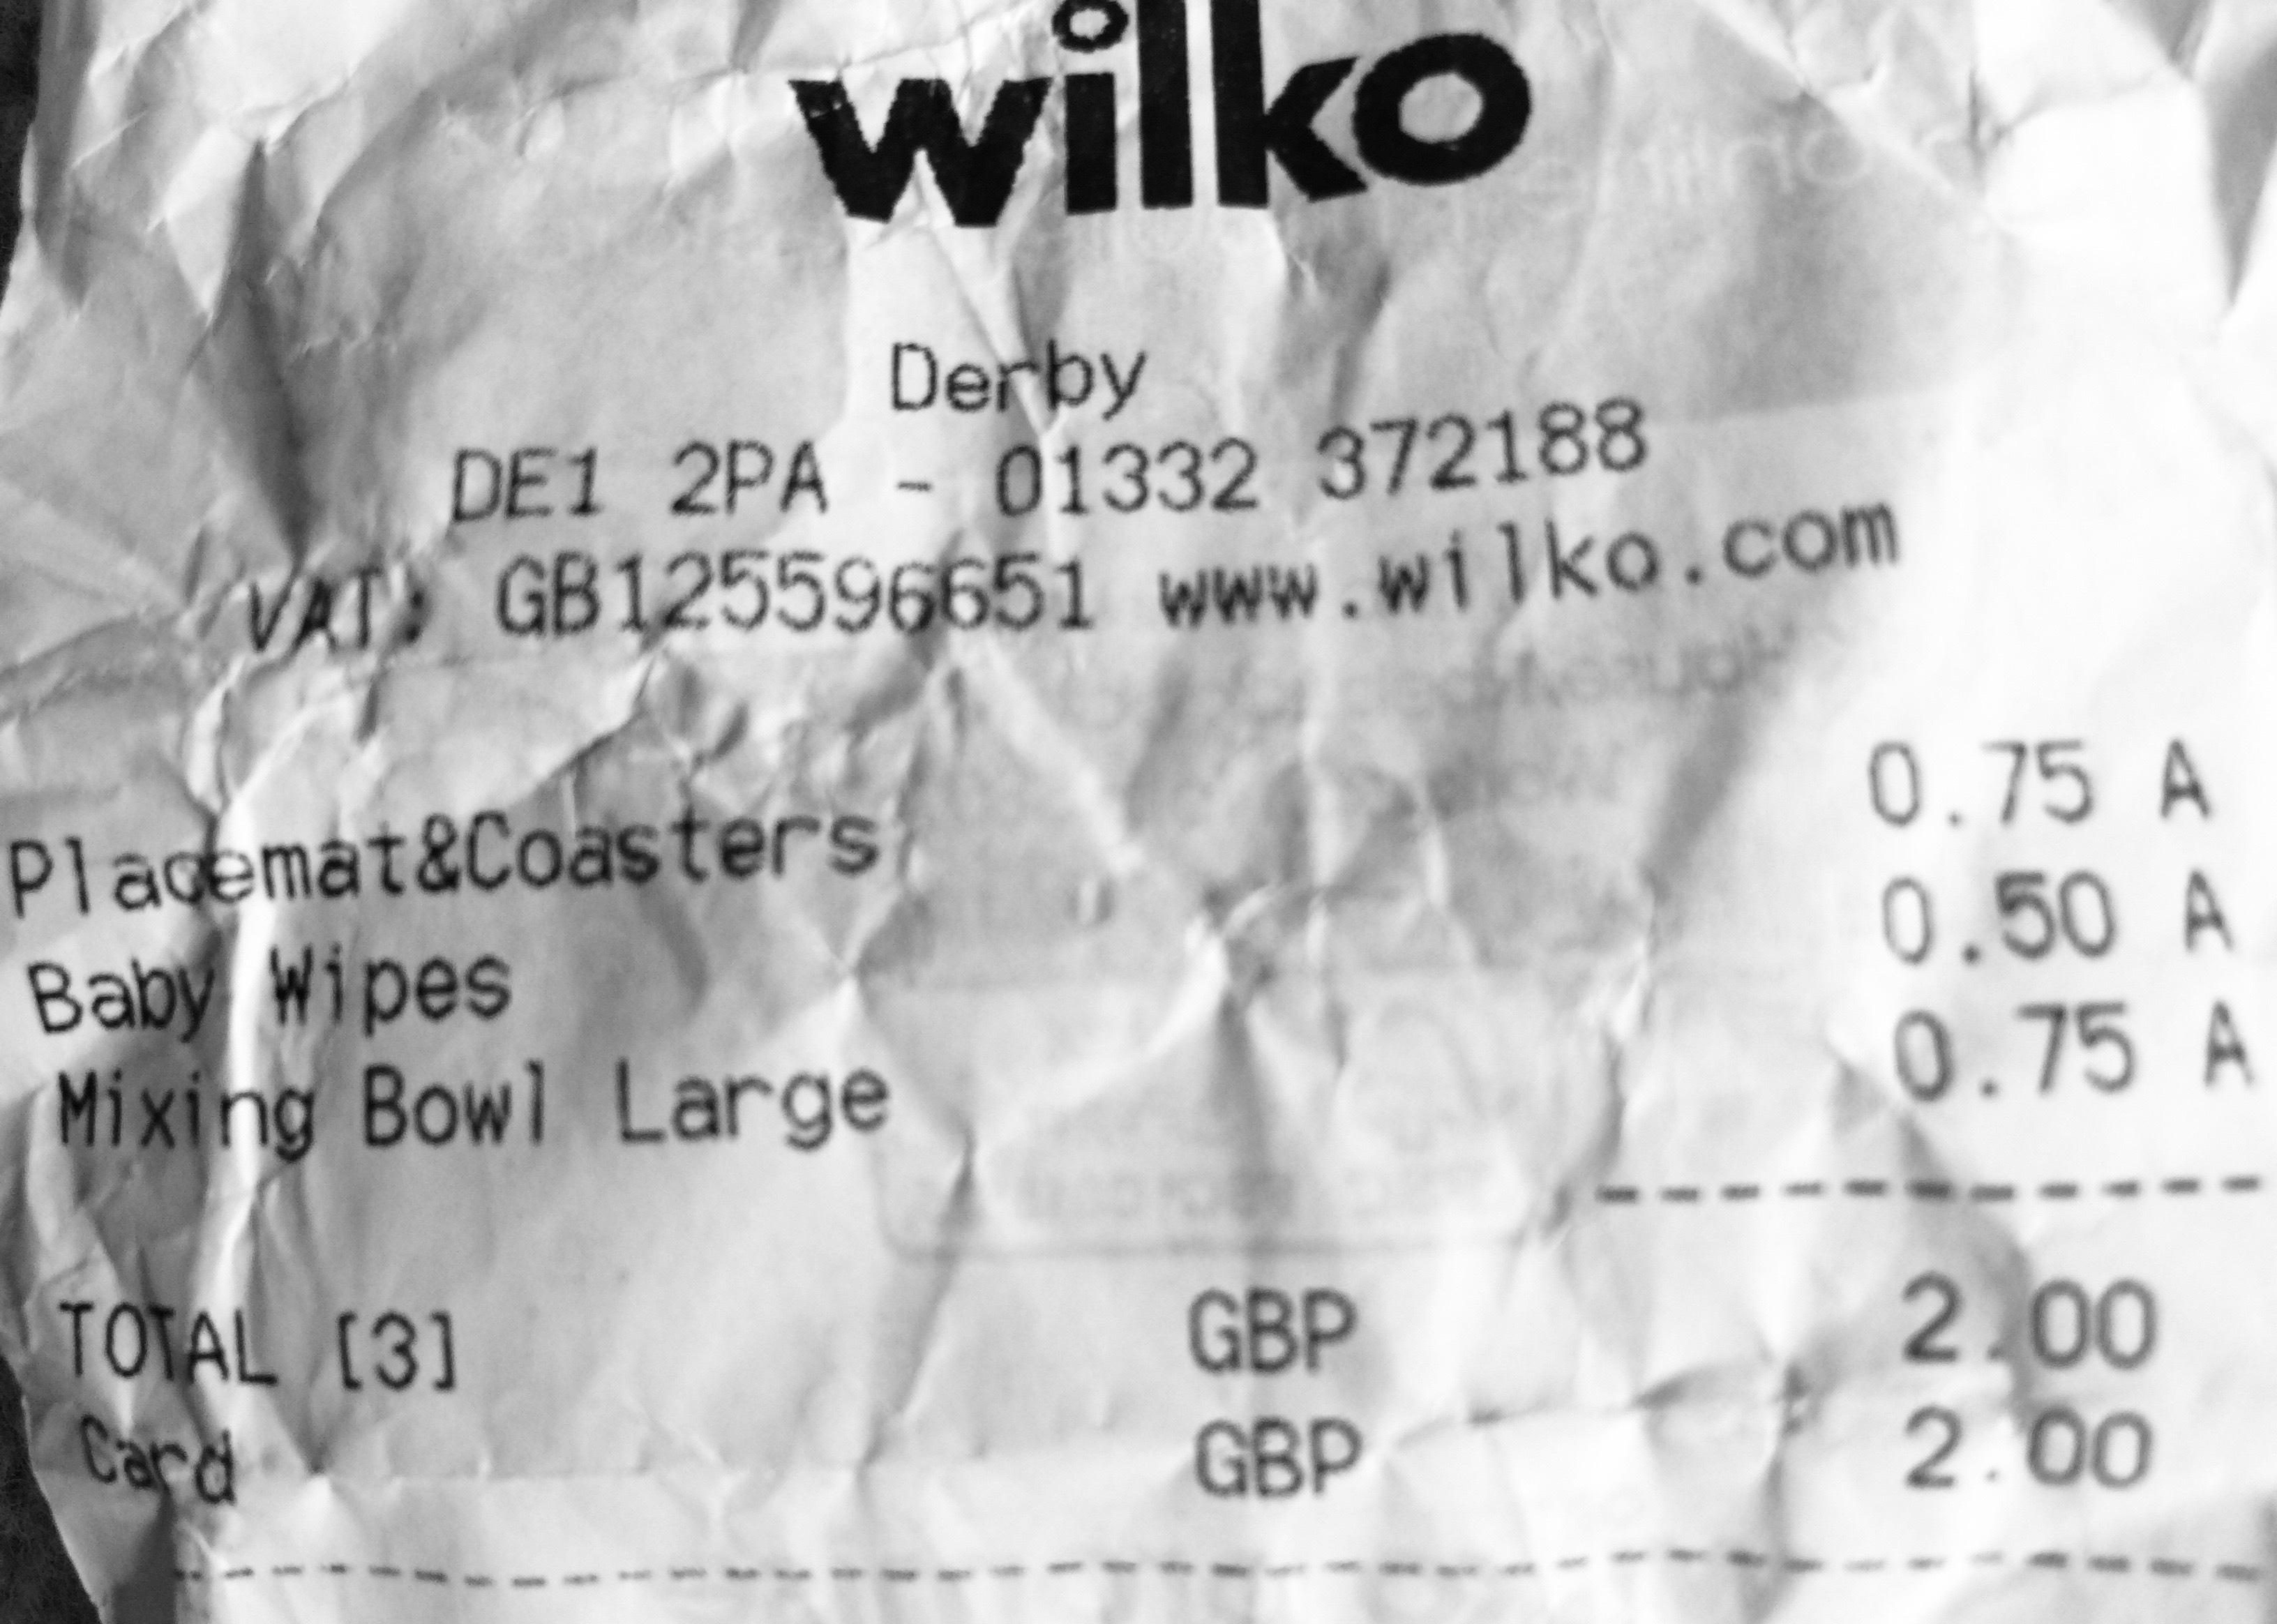 Wilkinson's placemats 0.75p at Wilko Derby